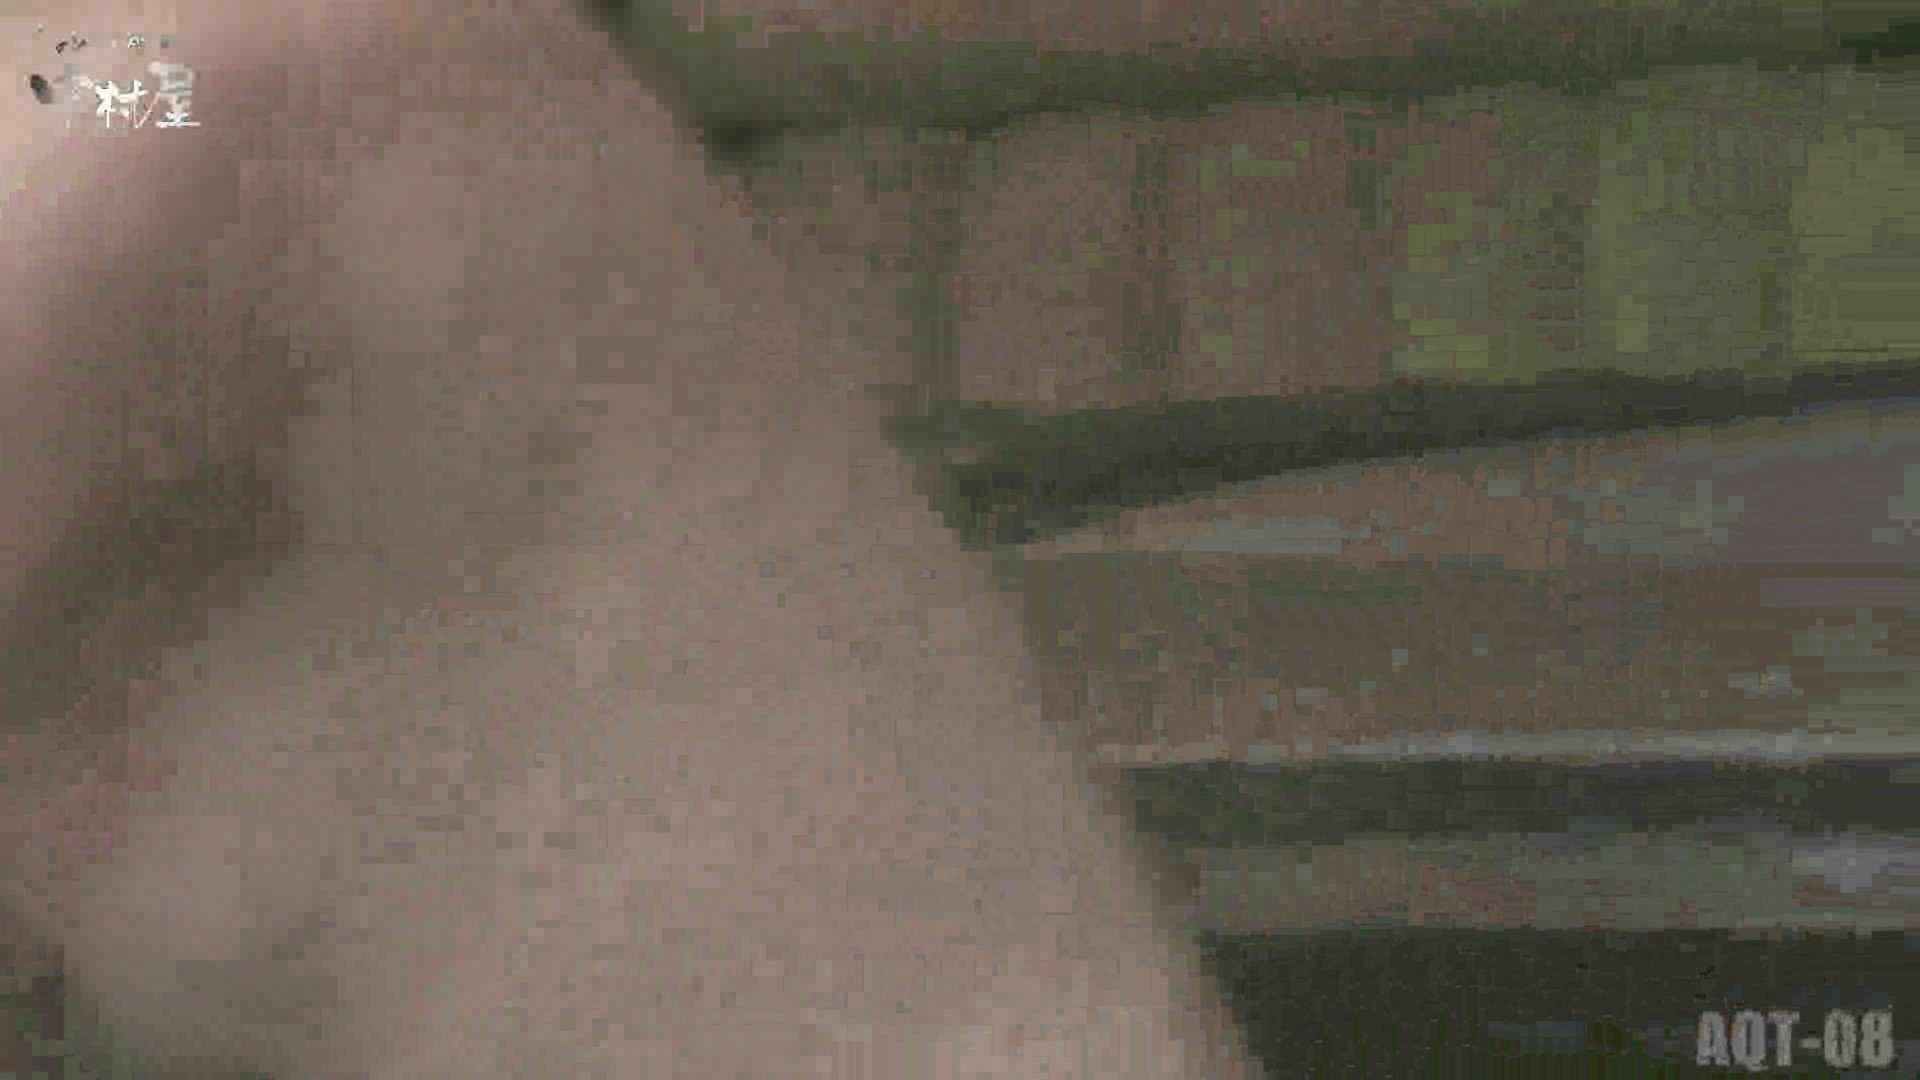 Aquaな露天風呂Vol.872潜入盗撮露天風呂八判湯 其の一 露天風呂編  87PIX 21